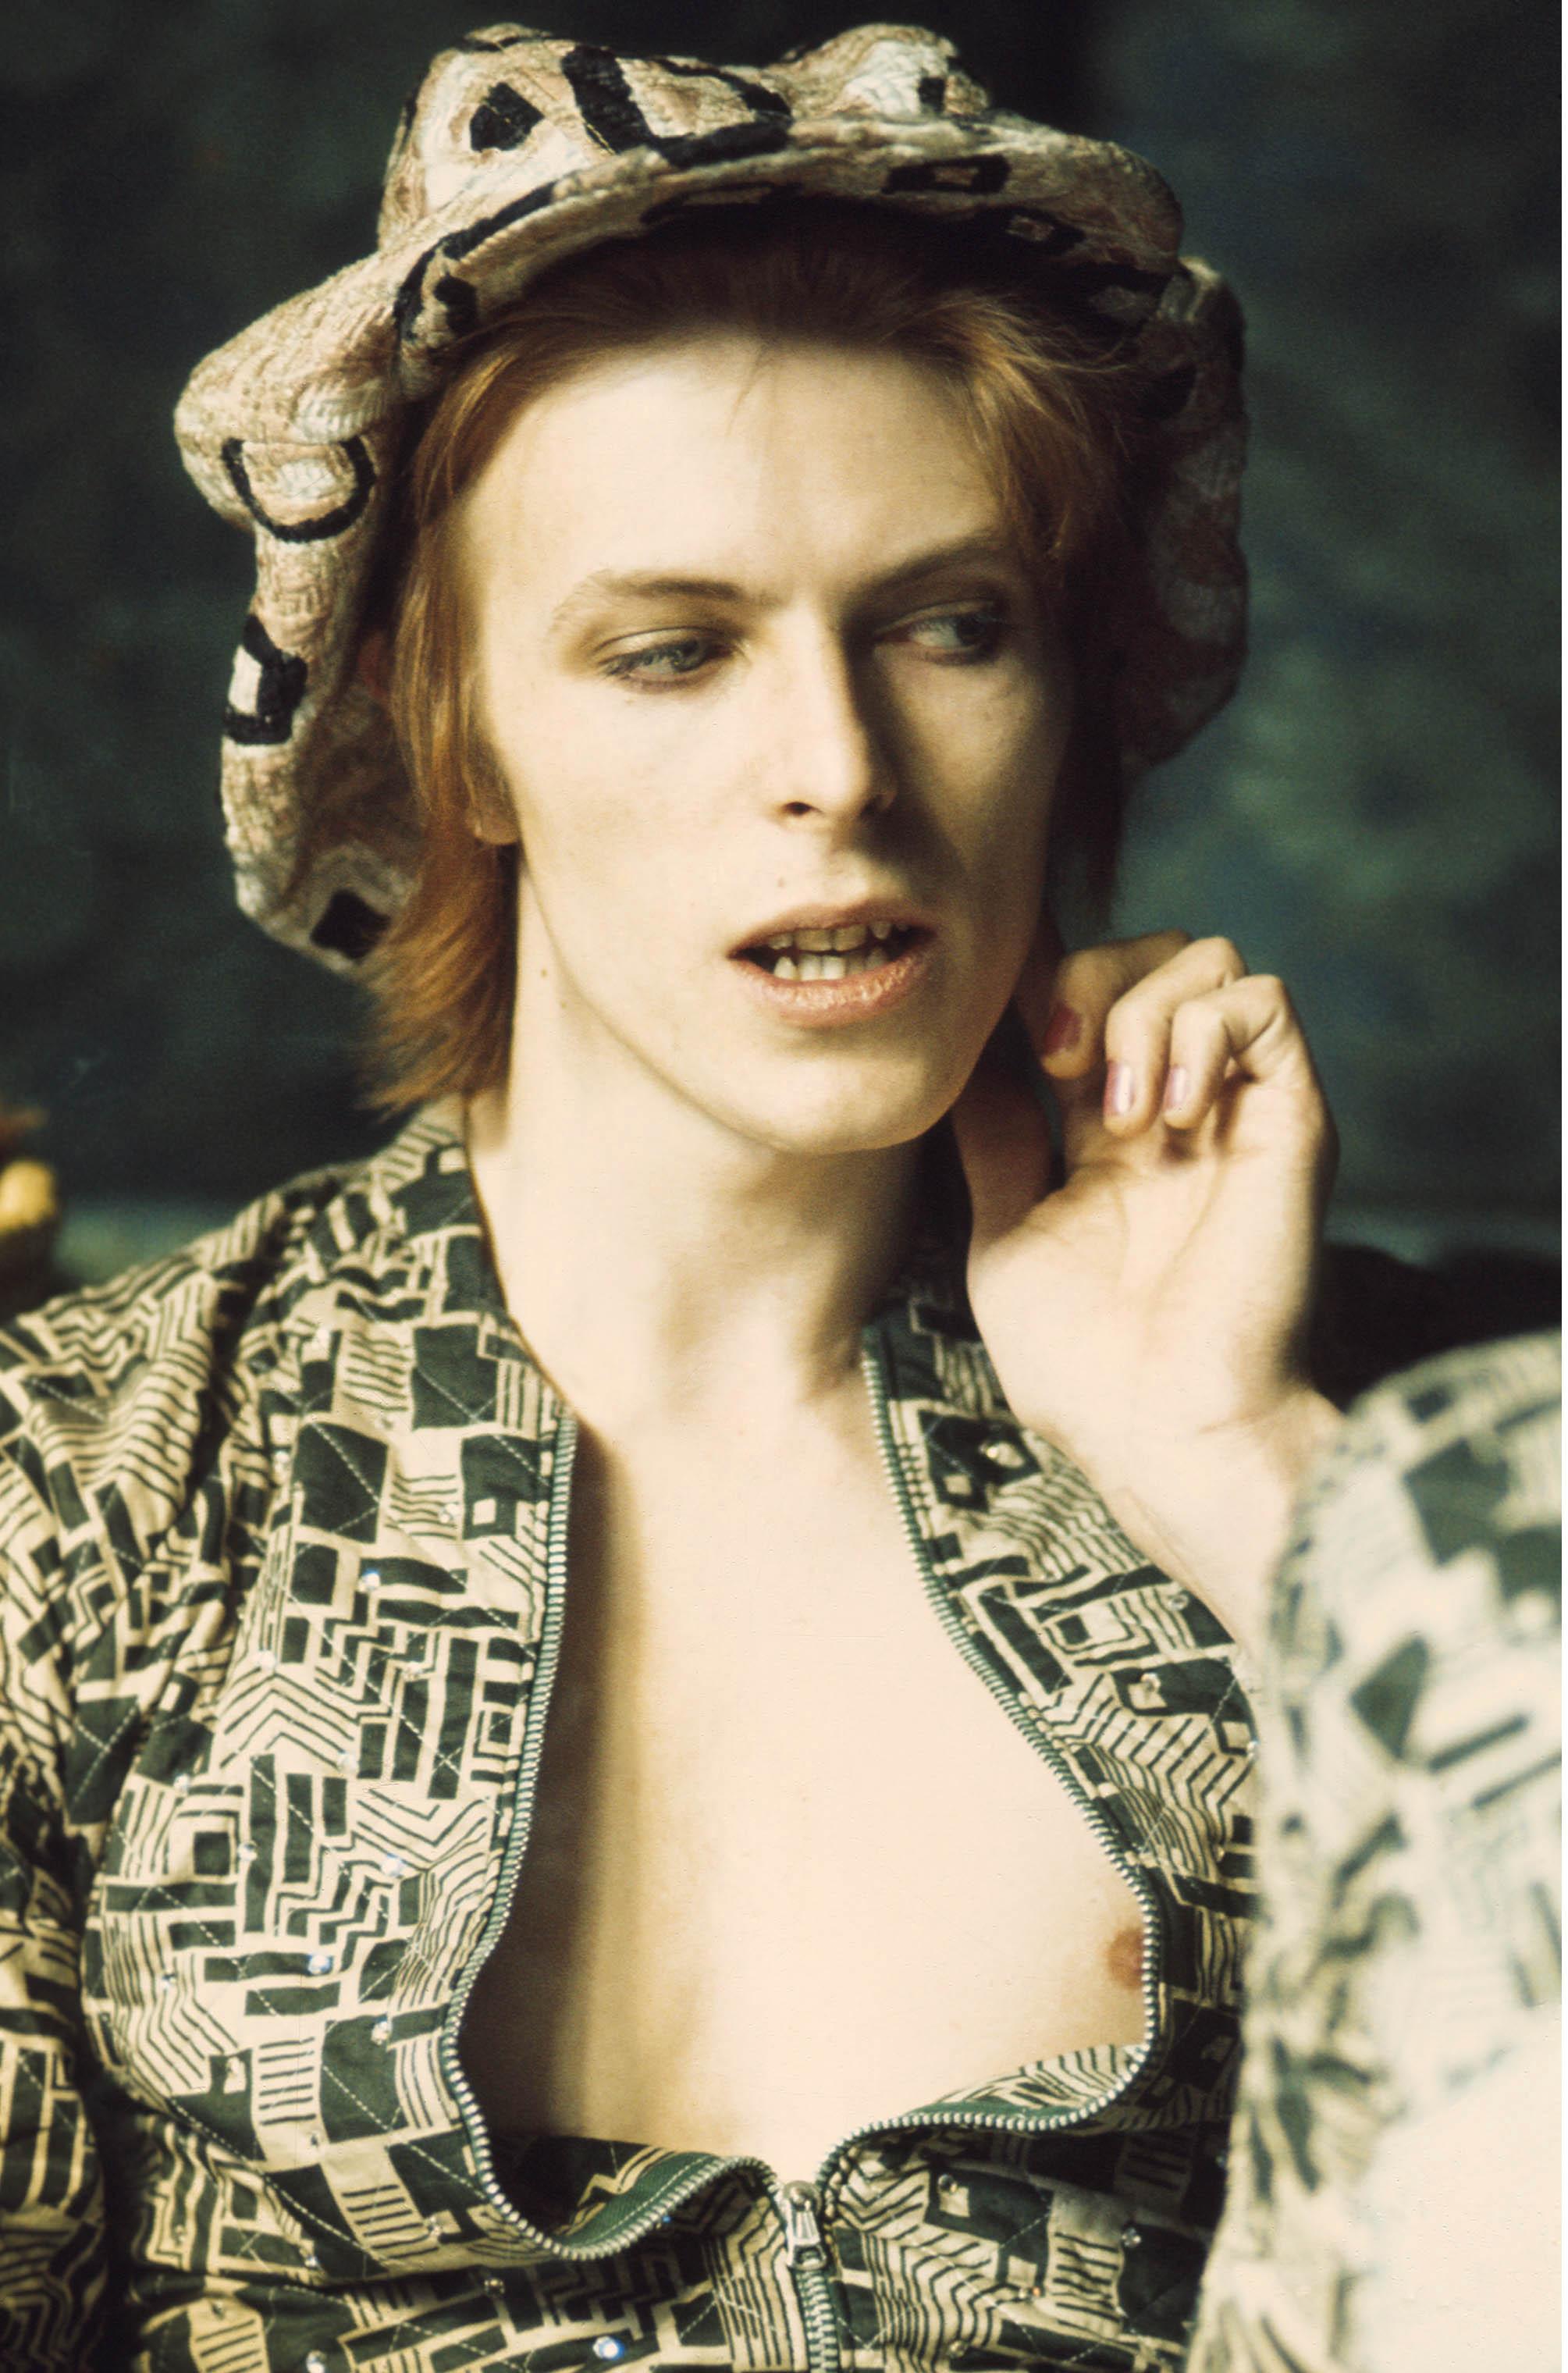 David Bowie The 1972 Amercain Tour